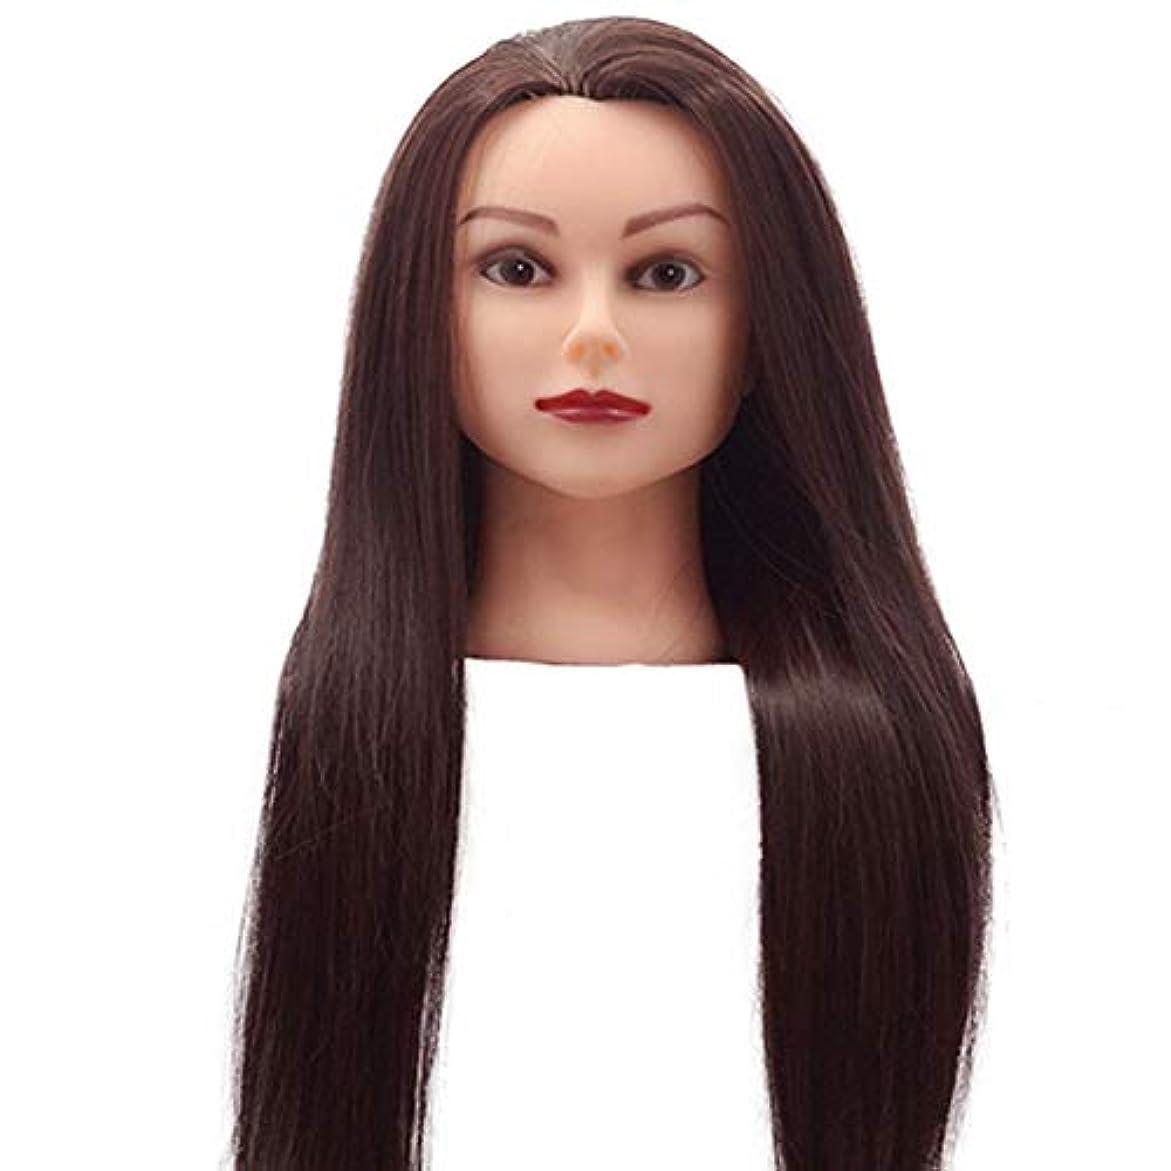 整然とした安らぎぶら下がる理髪モデルヘッド花嫁の髪編組三つ編み学習ヘッドモデル理髪店美容散髪ダミーエクササイズヘッド